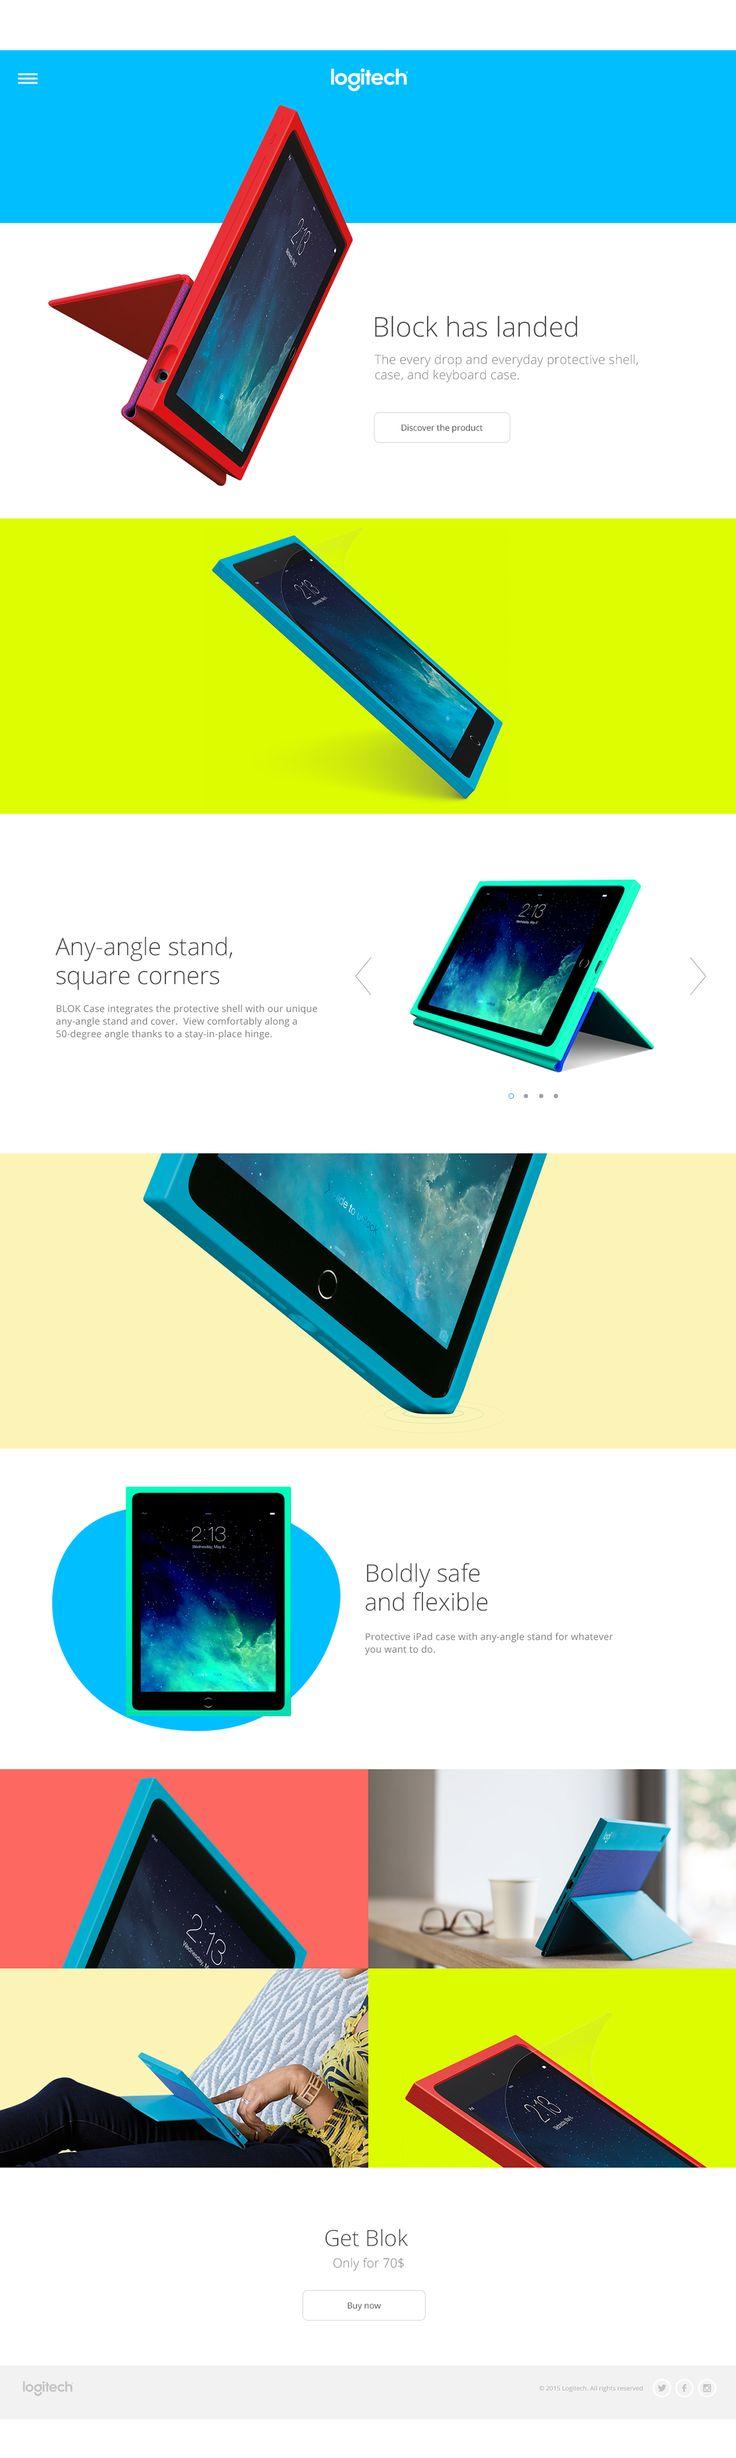 Logitech - Website concept on Behance